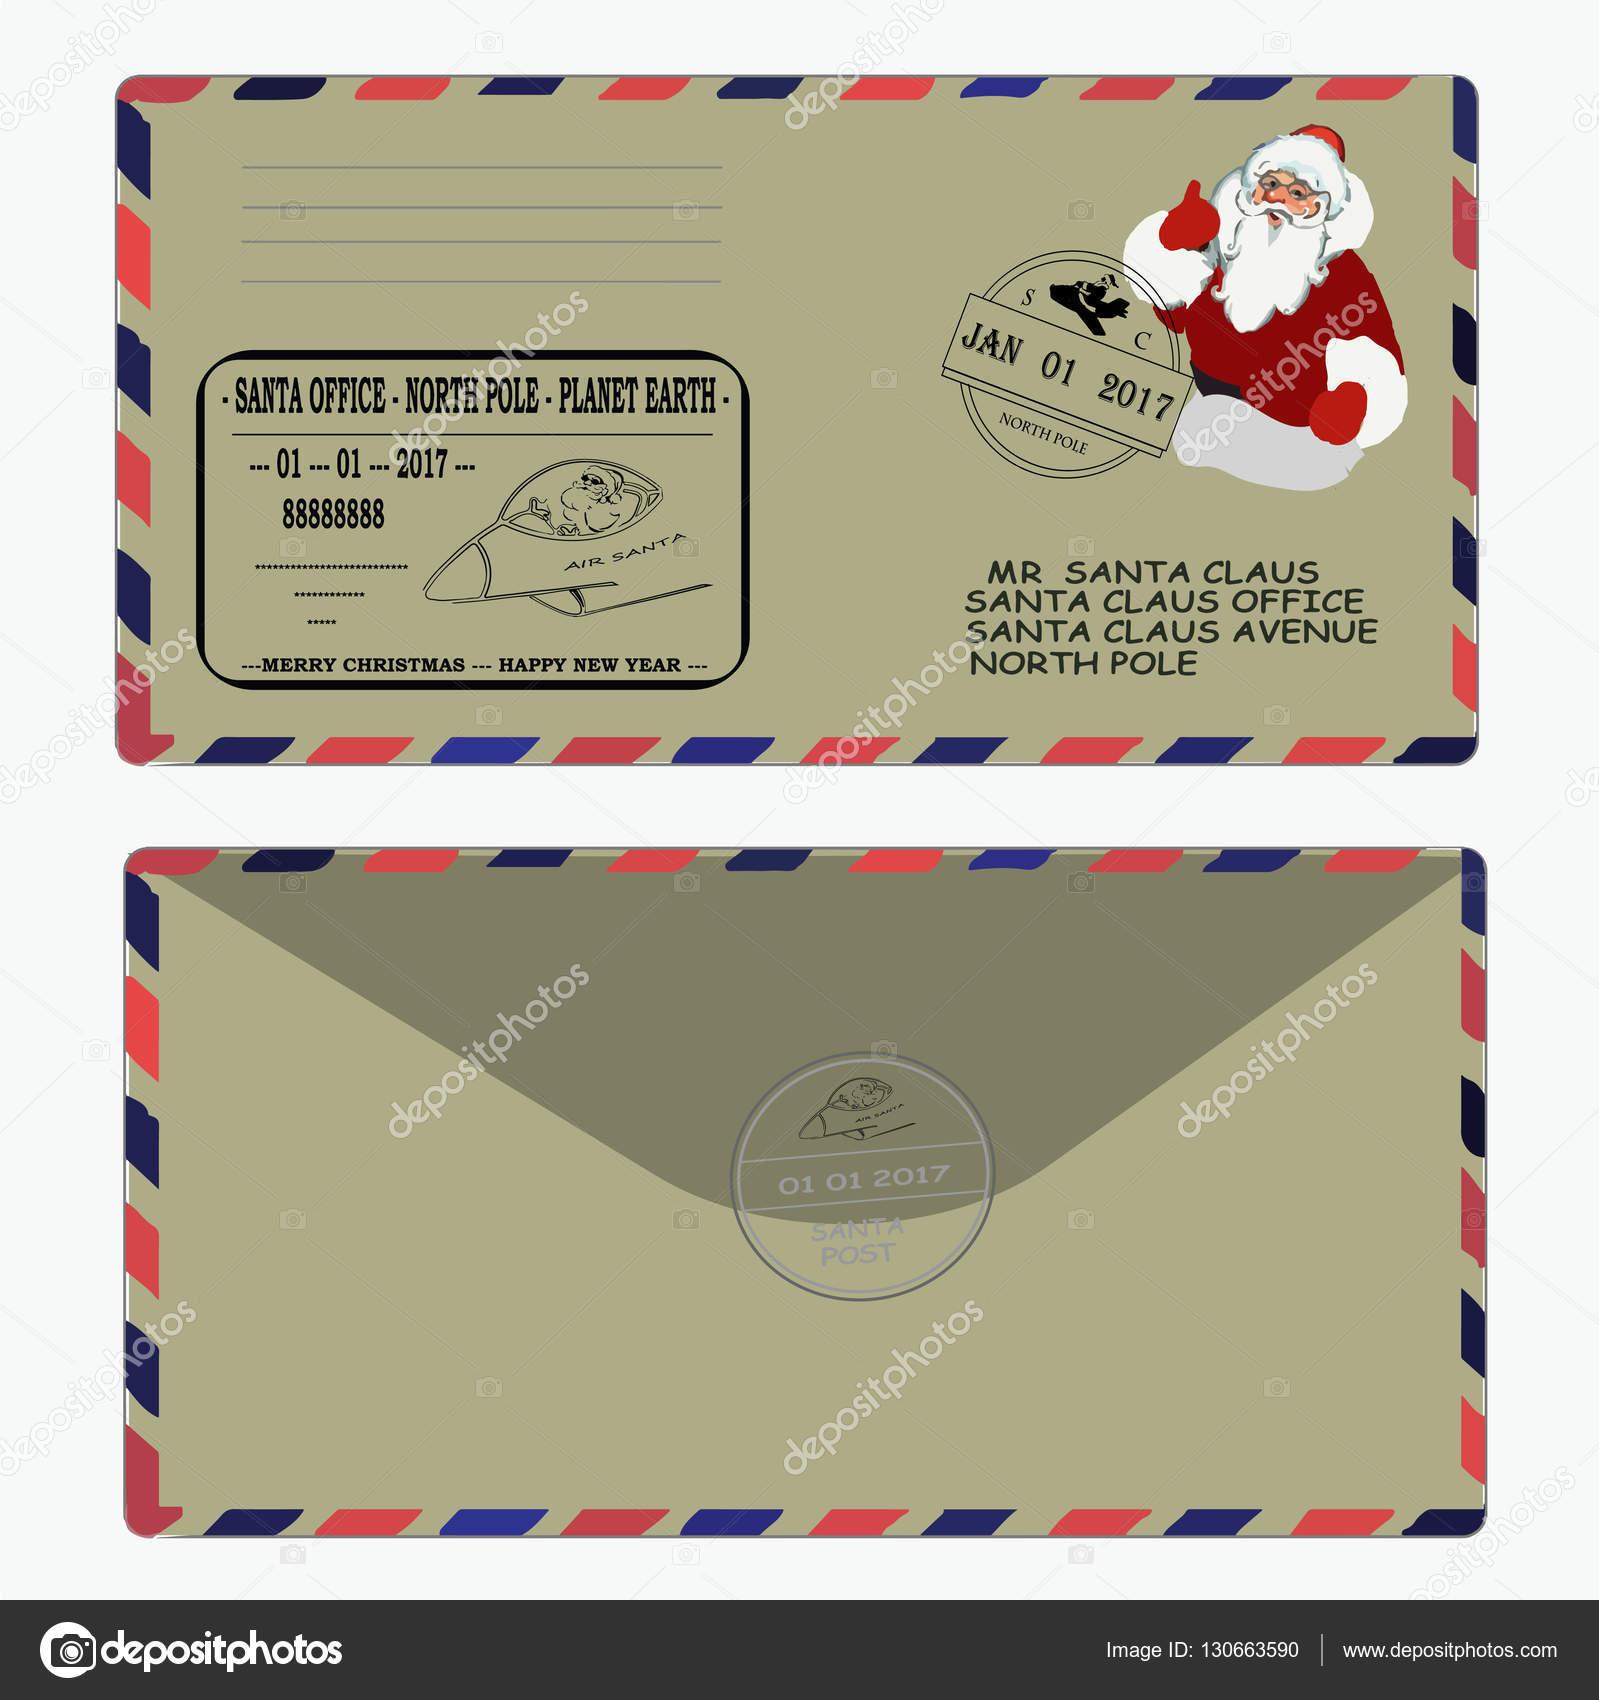 クリスマス新年サンタ クロースへの手紙テンプレート封筒切手